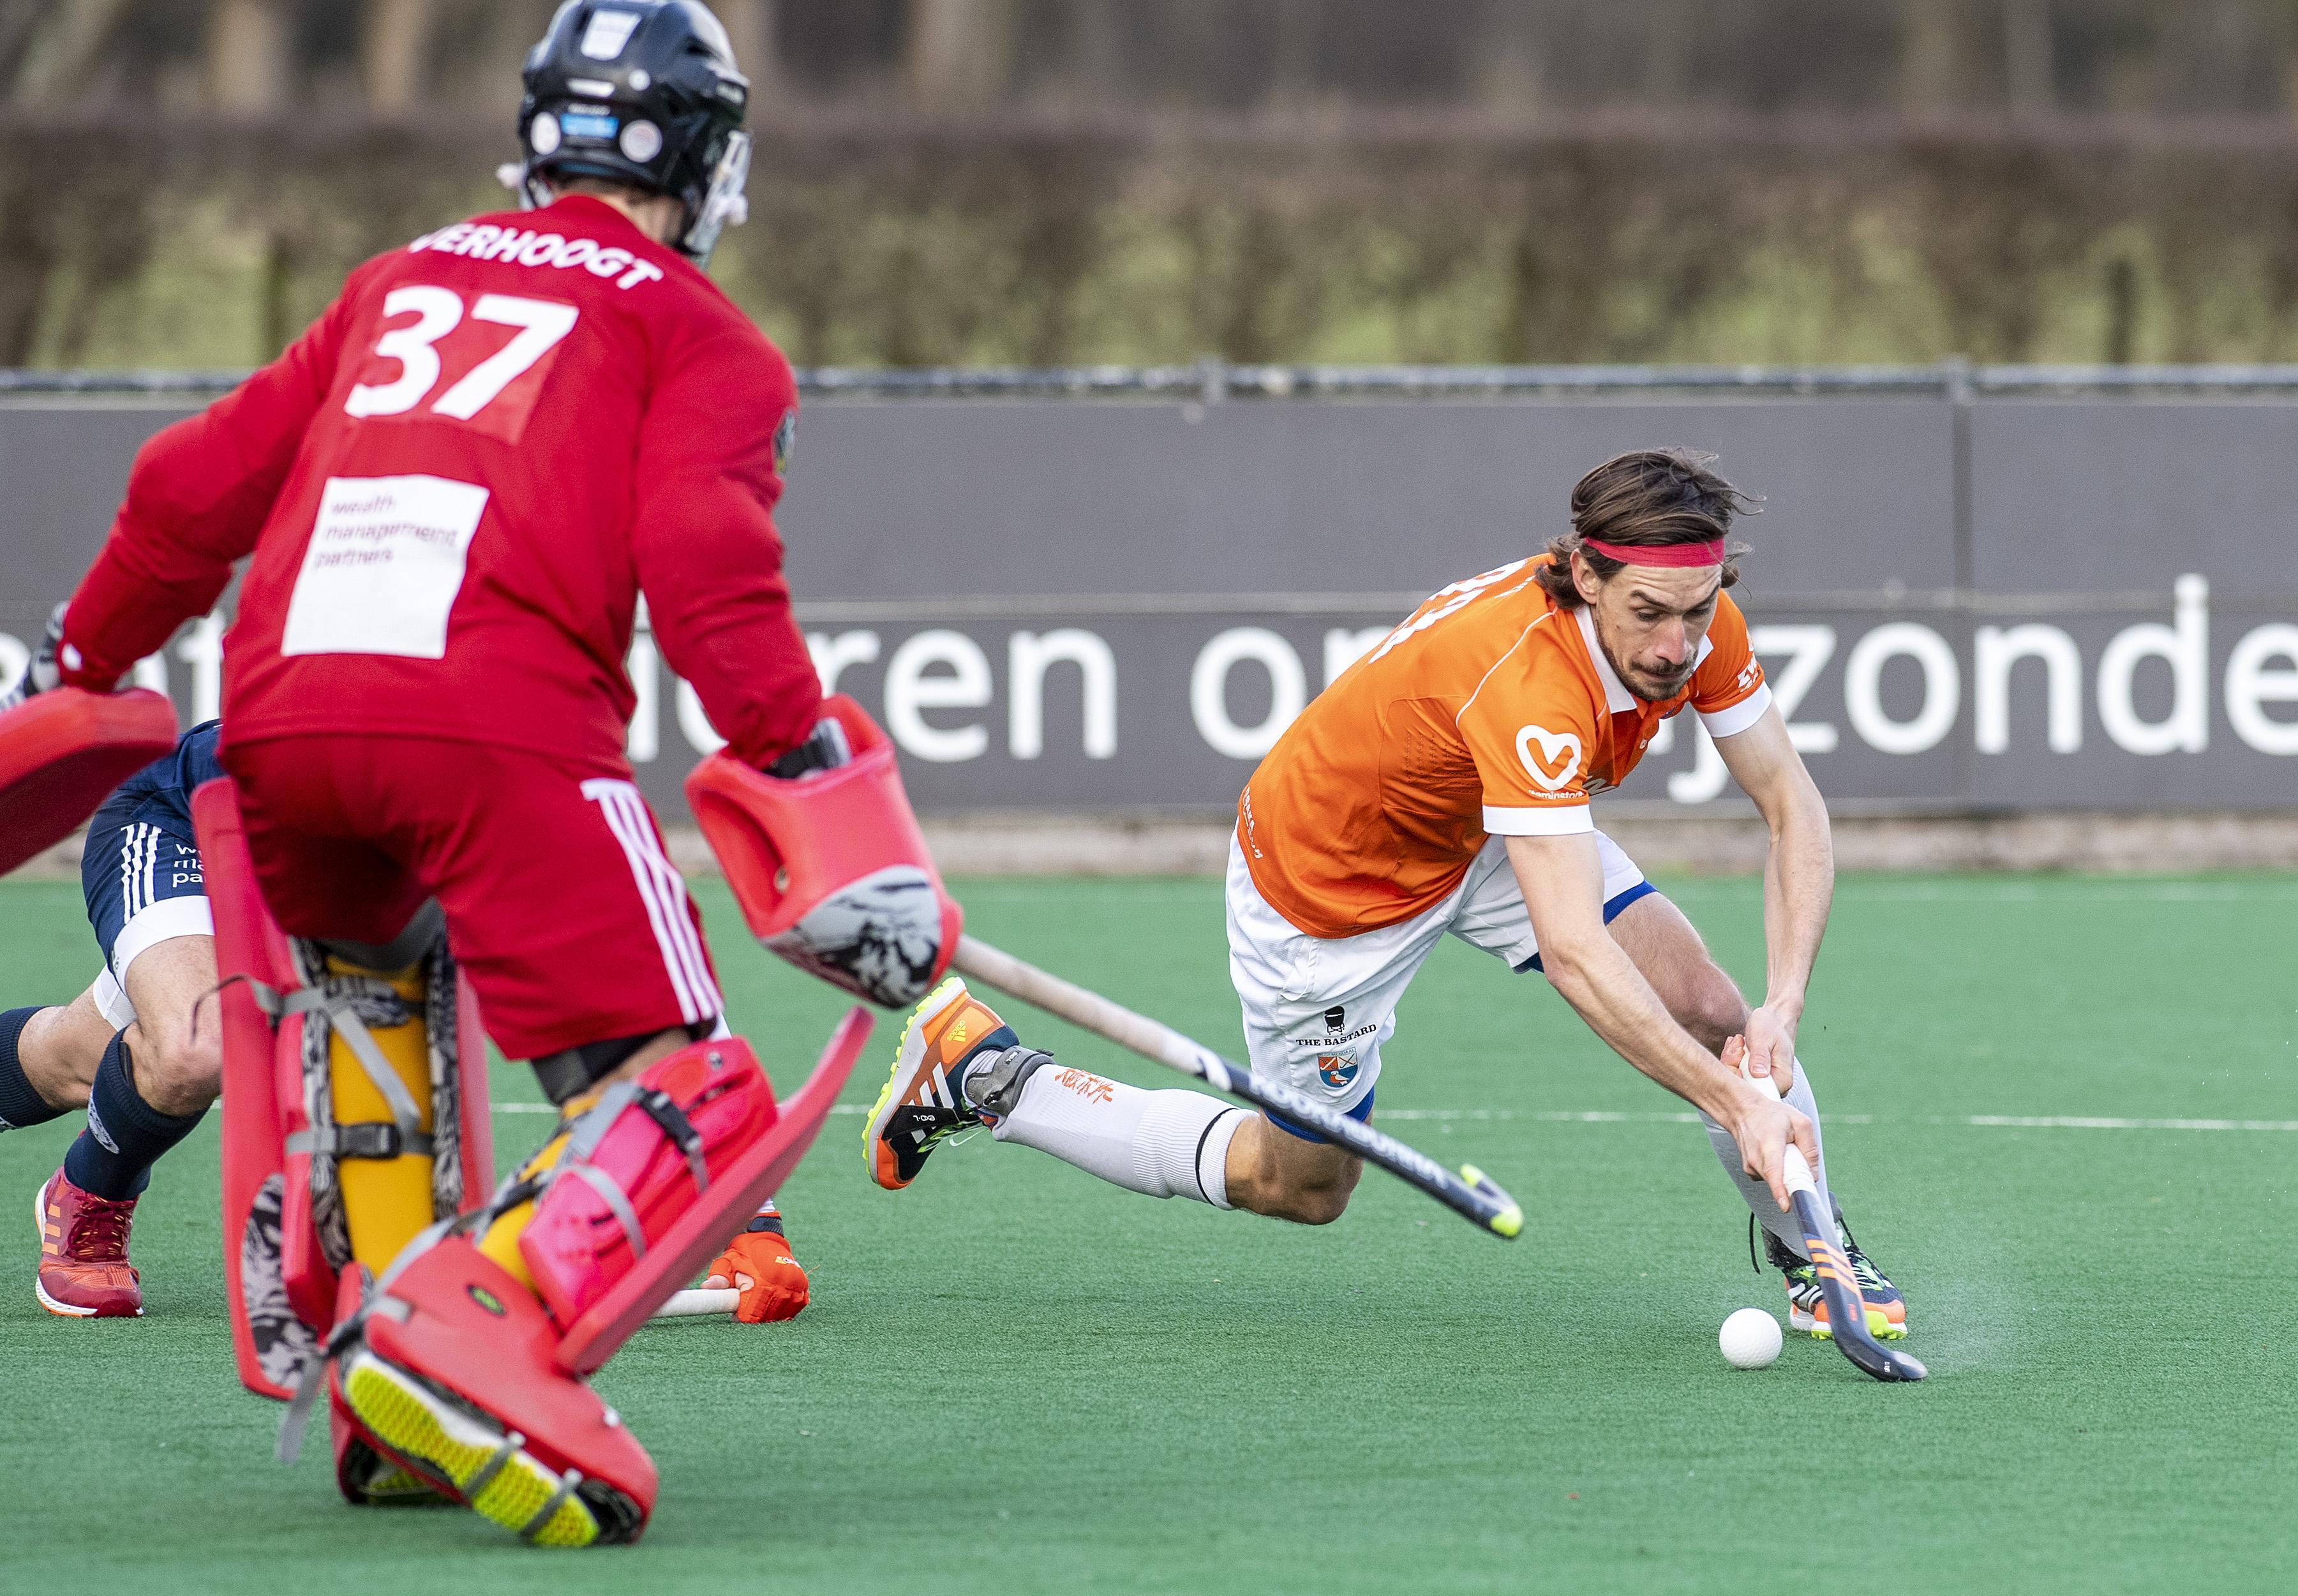 Rick Mathijssen van Bloemendaal: 'Als de instelling honderd procent is, kunnen wij iedere tegenstander kapot spelen'